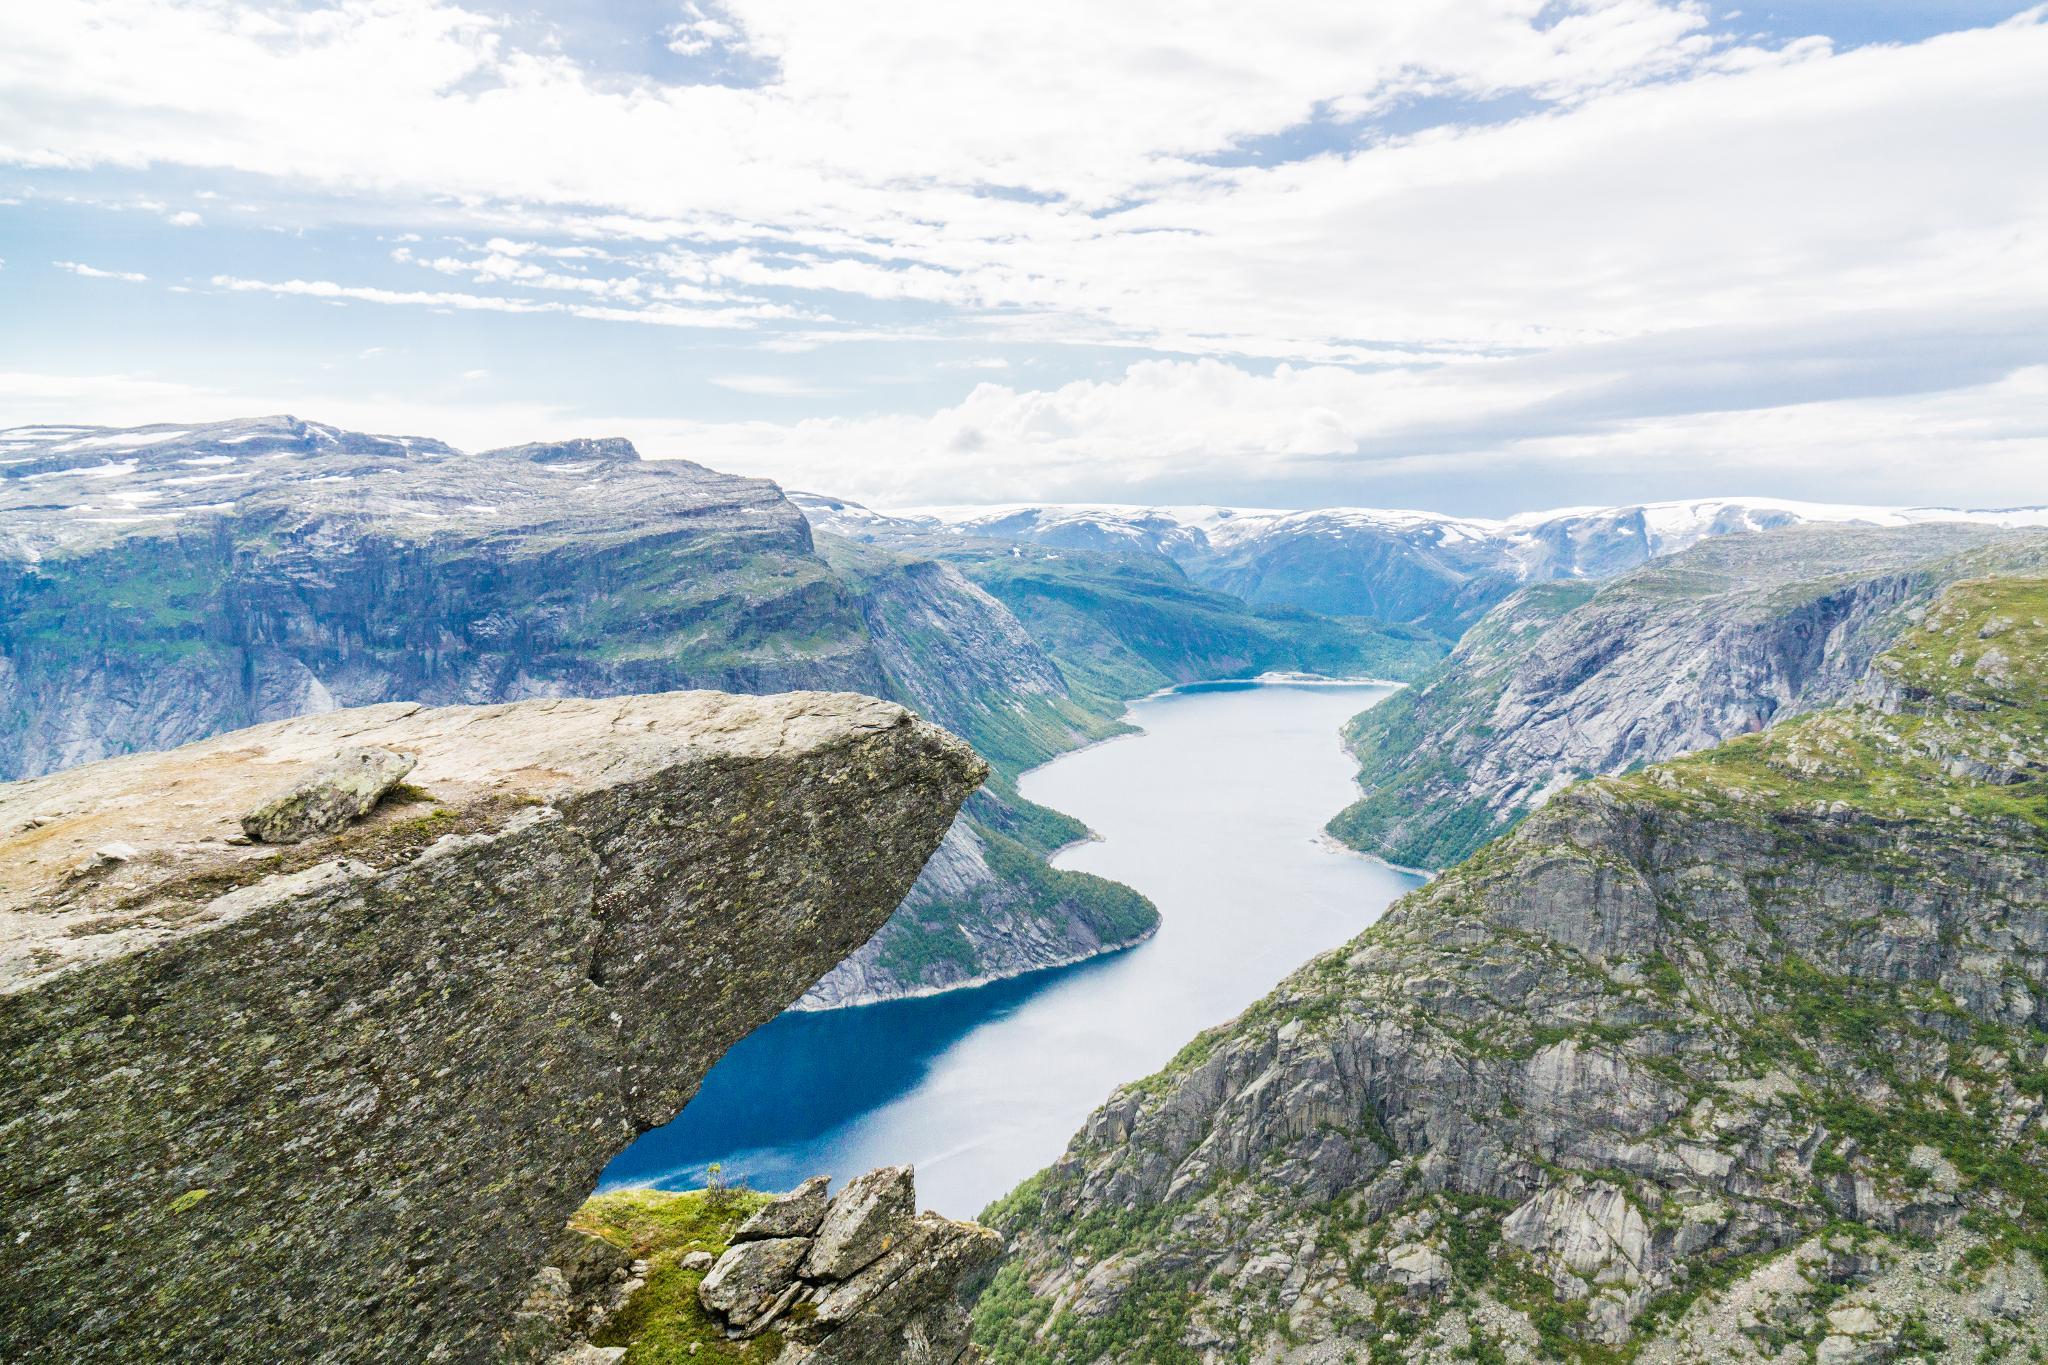 【北歐景點】挪威惡魔之舌 Trolltunga — 28公里健行挑戰全攻略 226